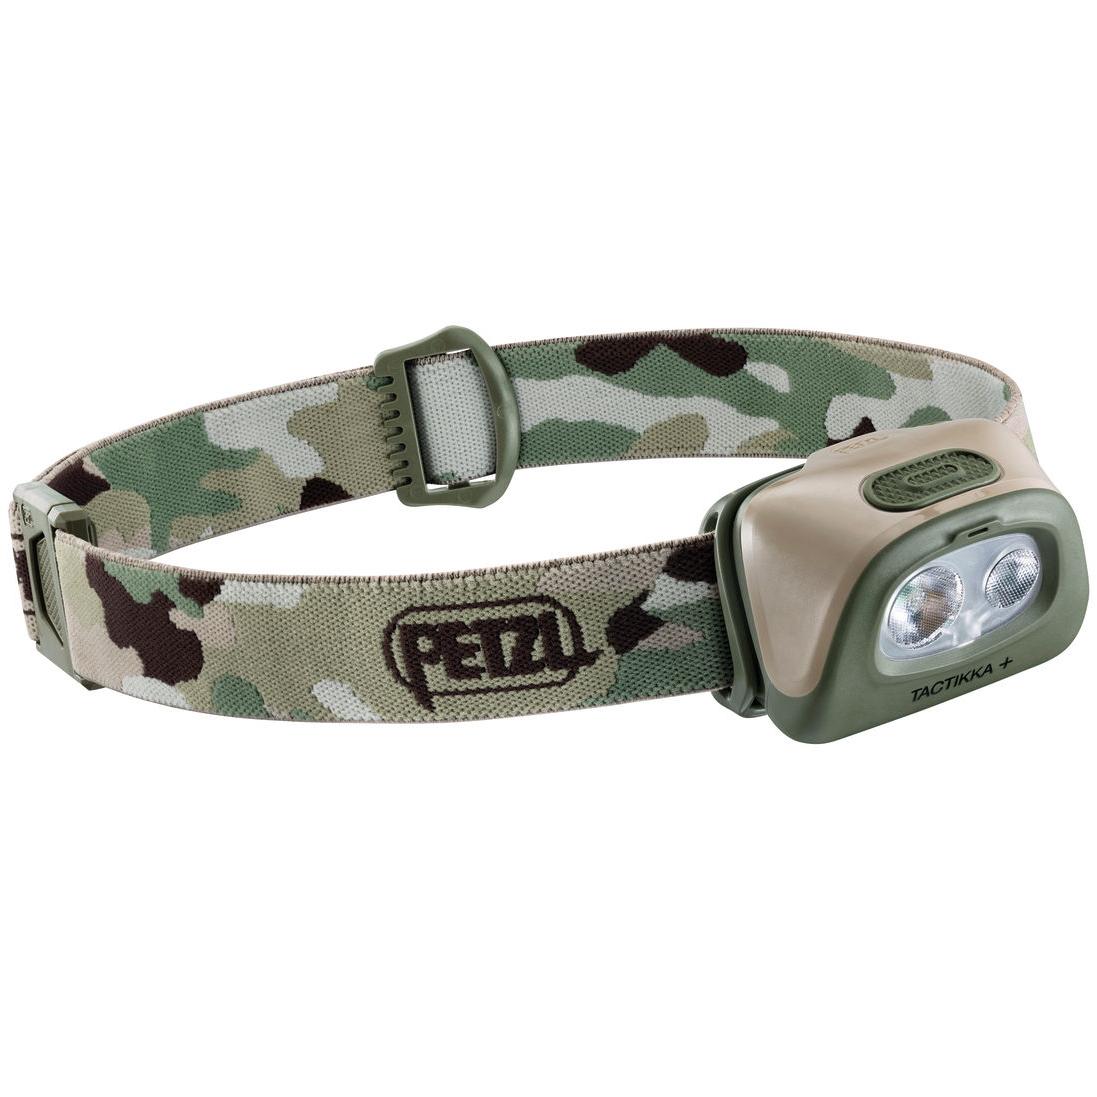 Petzl Tactikka + Headlamp - camo